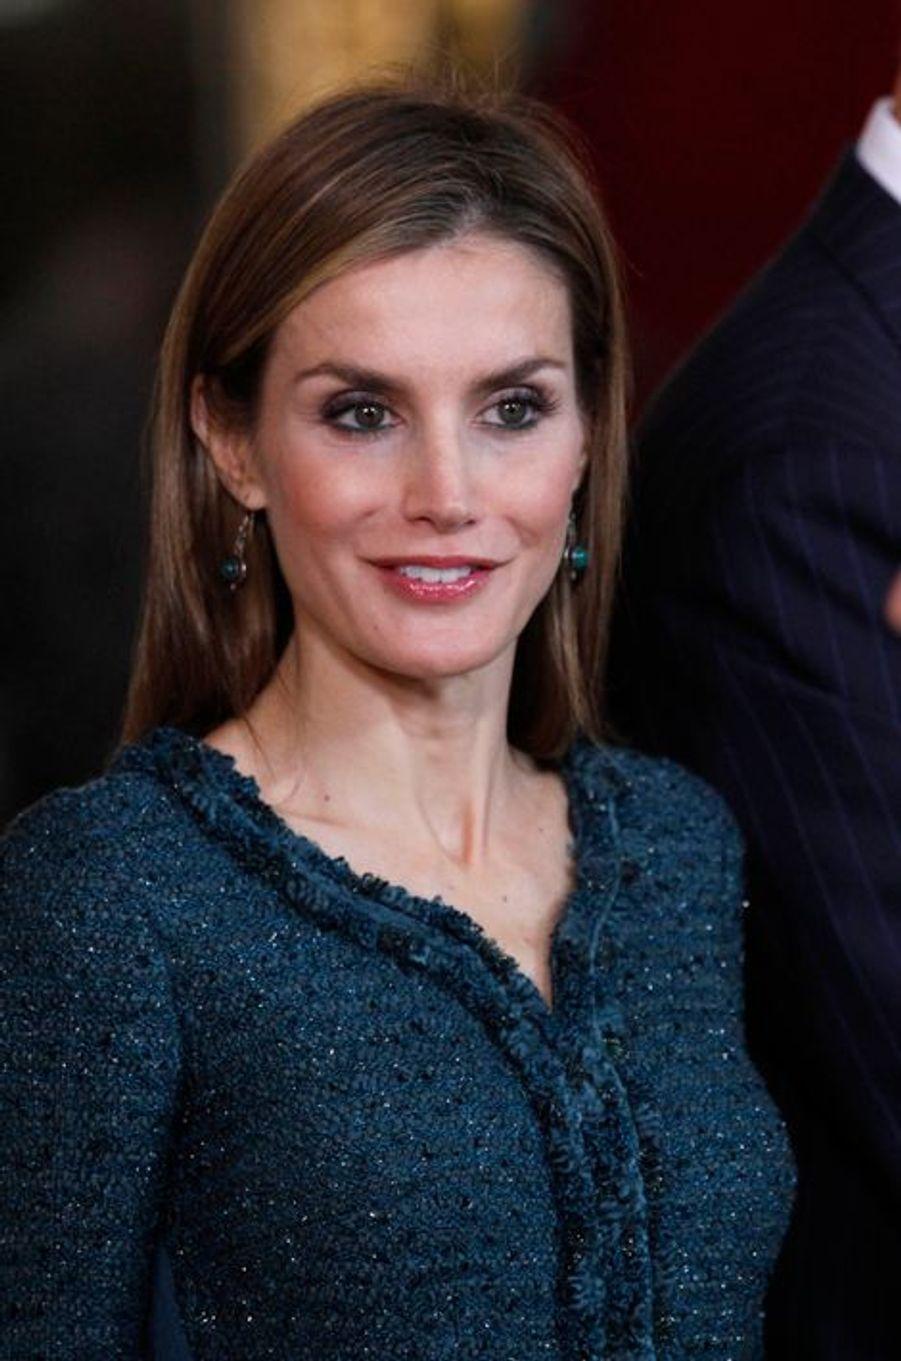 La reine Letizia d'Espagne à la Fête nationale d'Espagne, le 12 octobre 2014